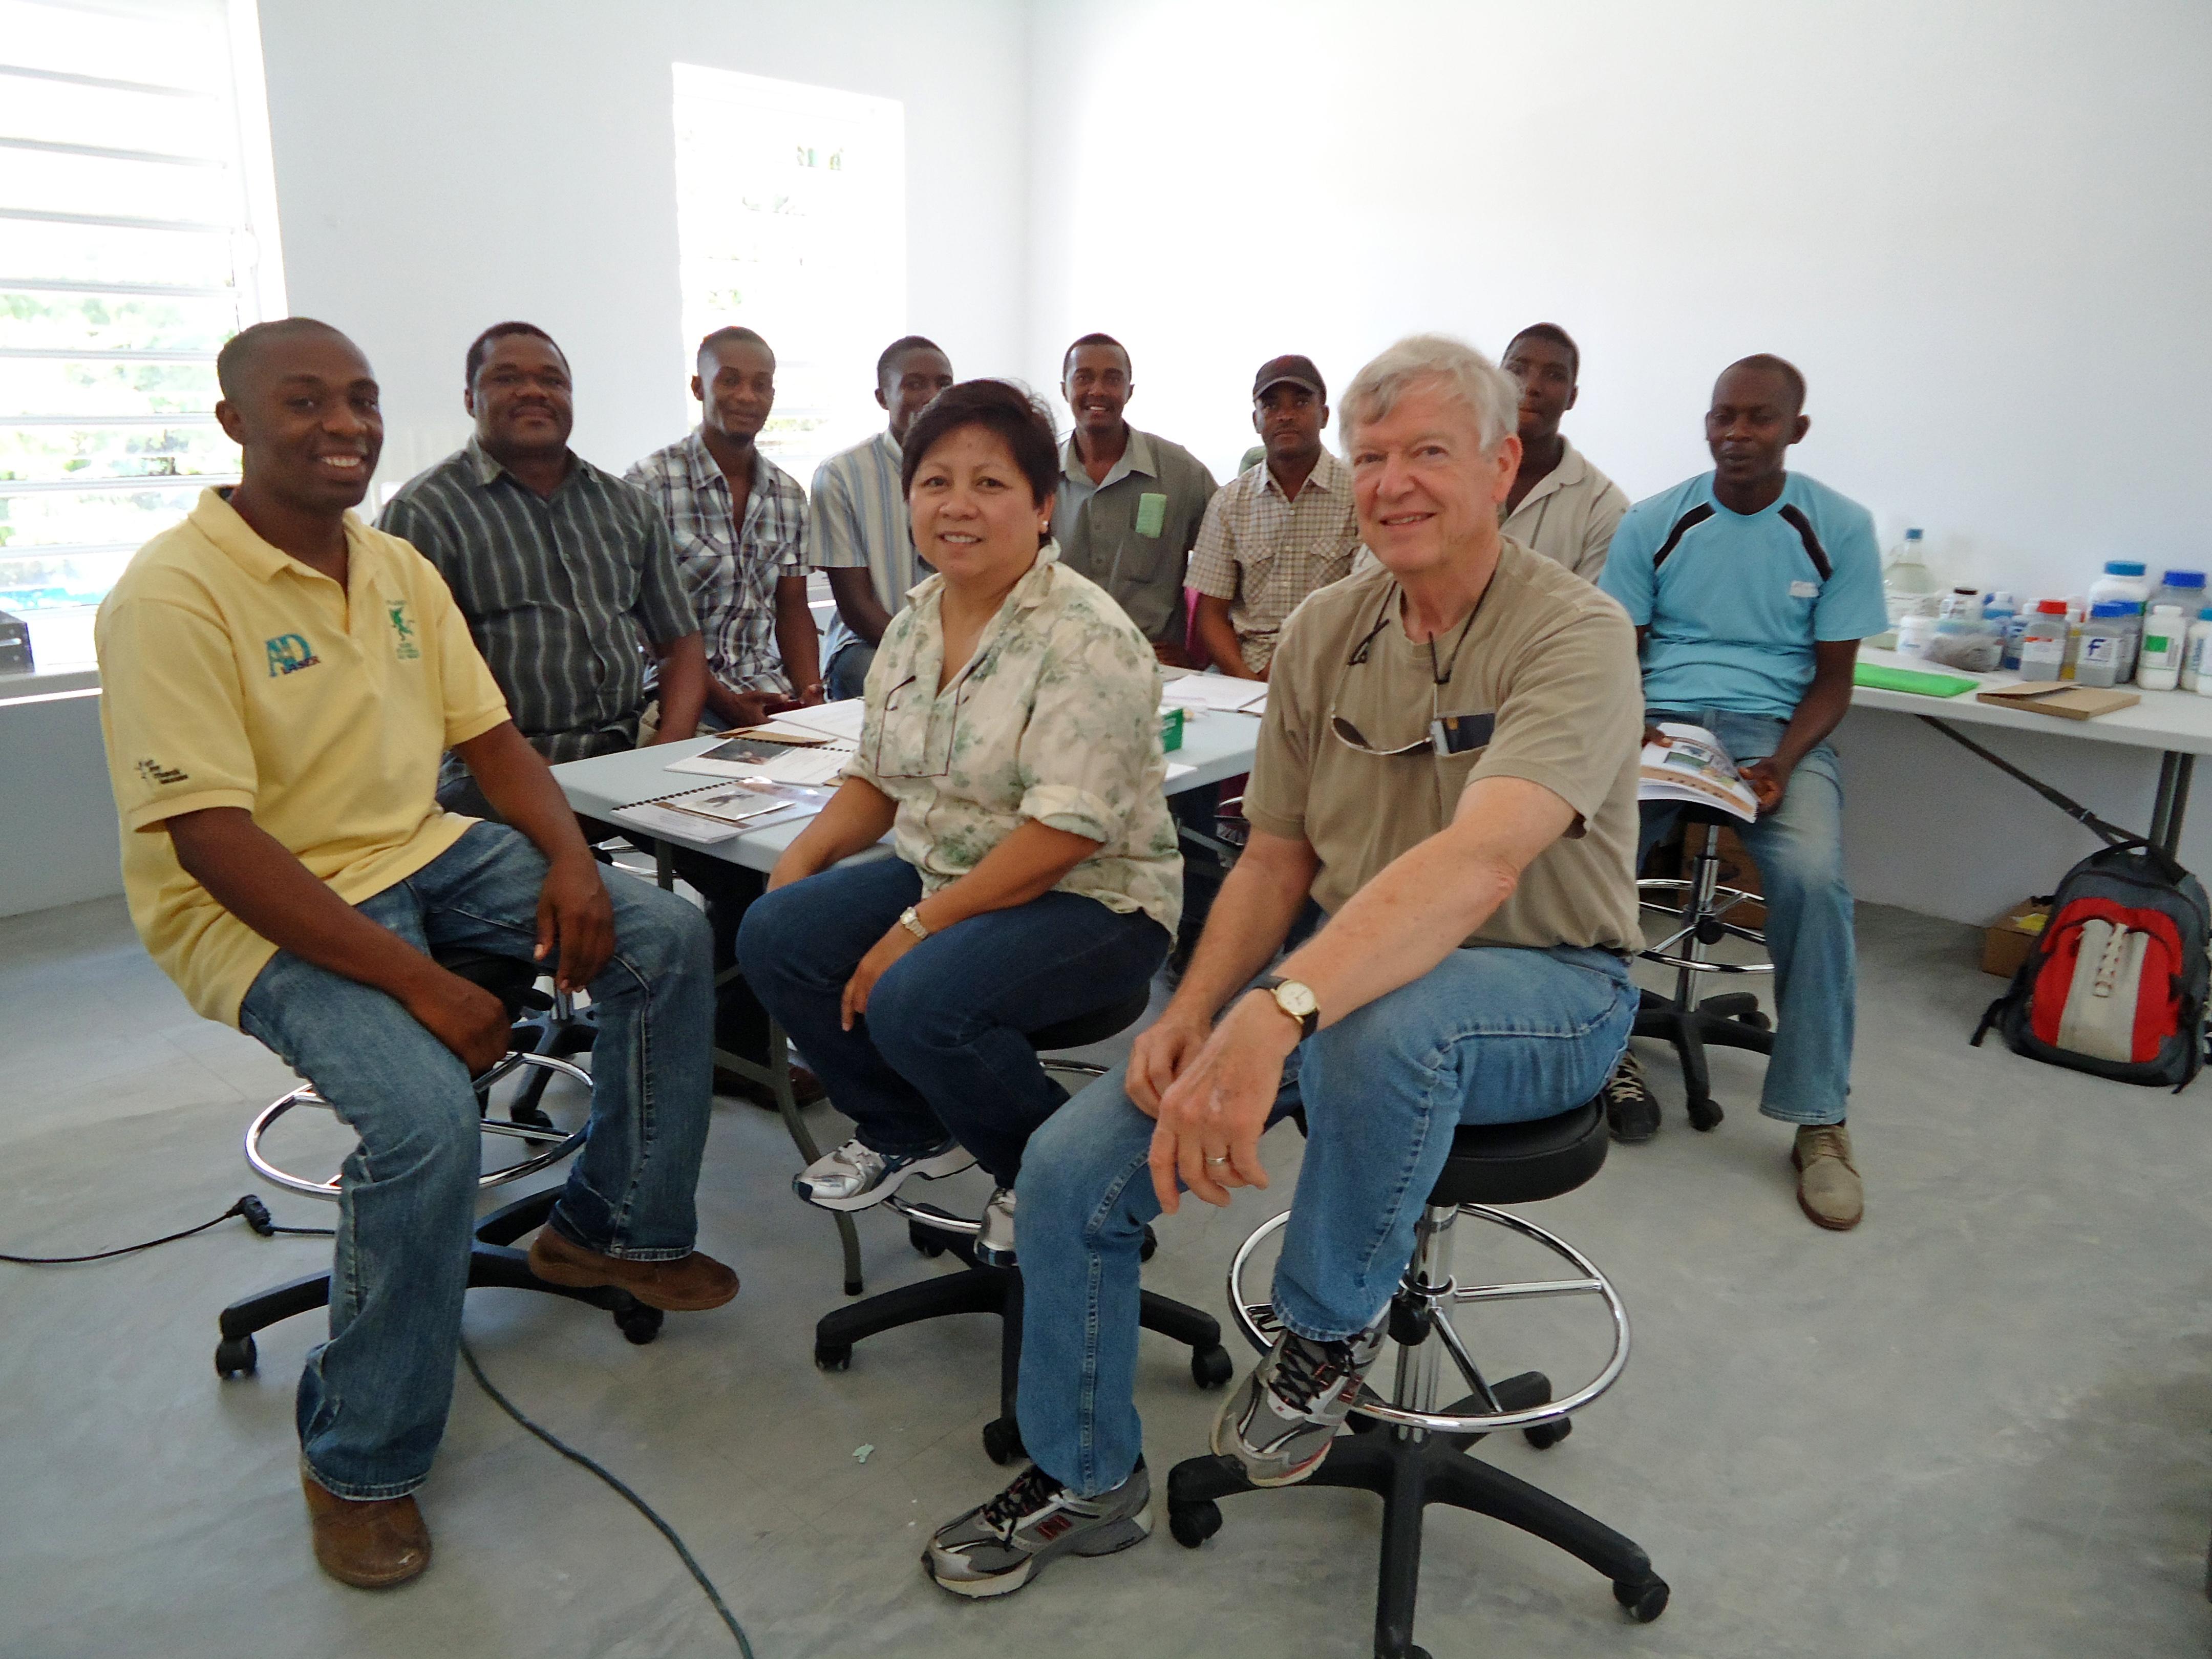 Haiti Group 1